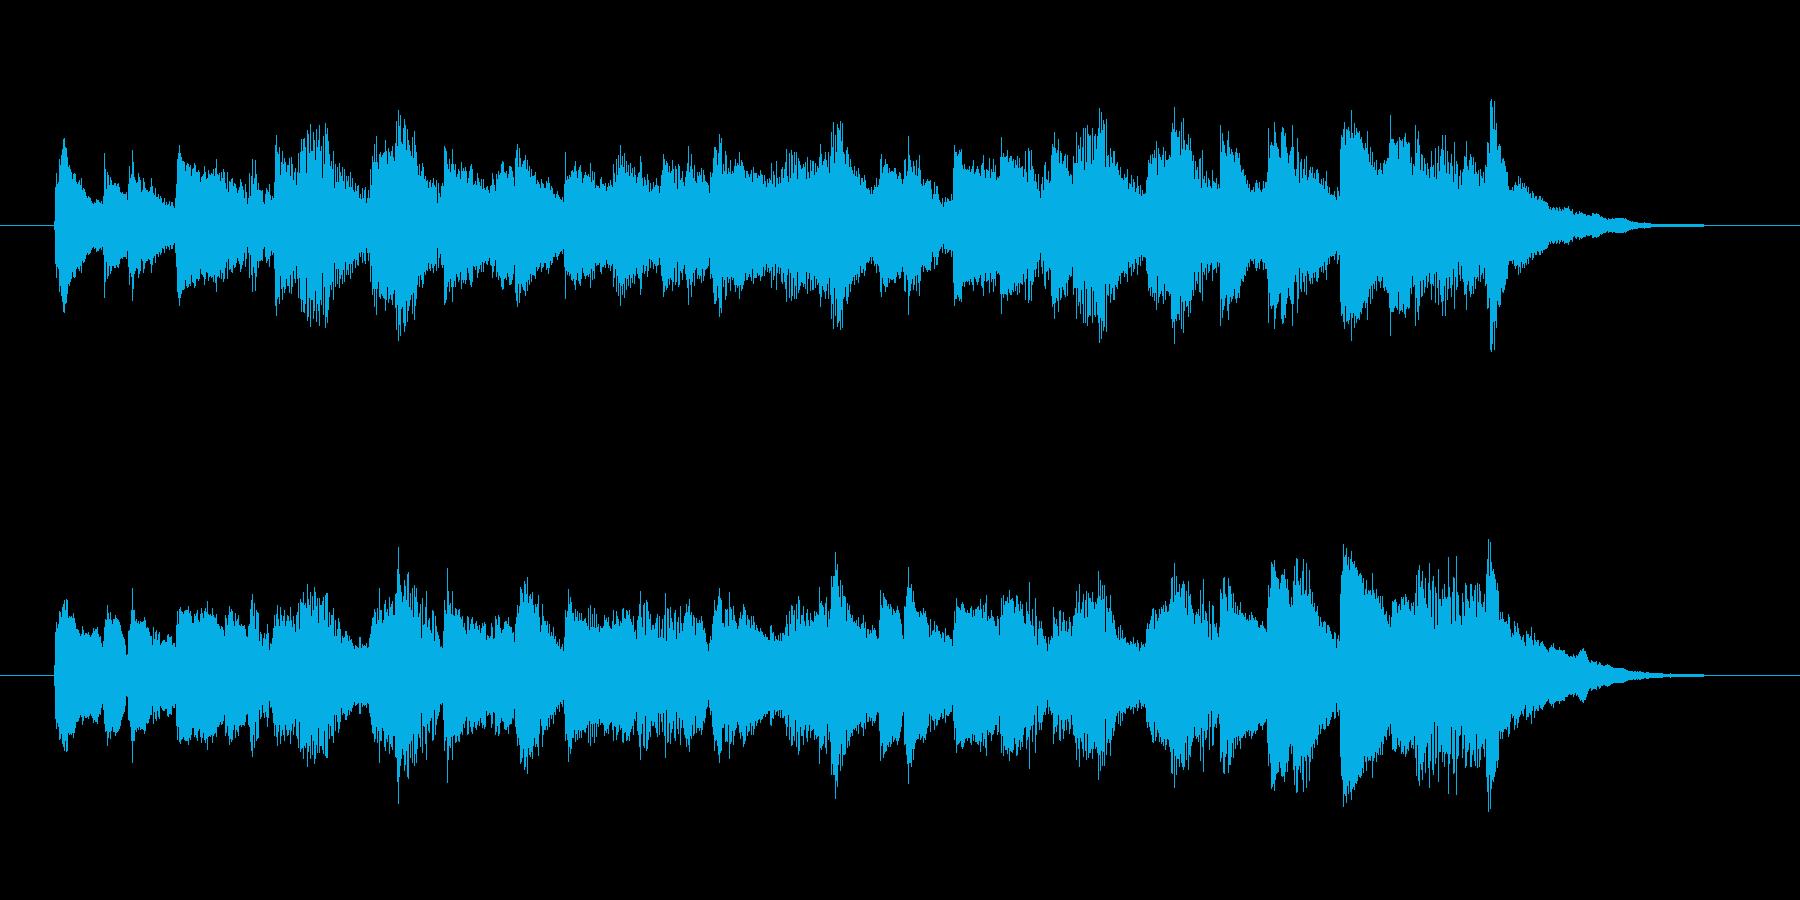 軽やかで爽やかなシンセピアノサウンド短めの再生済みの波形